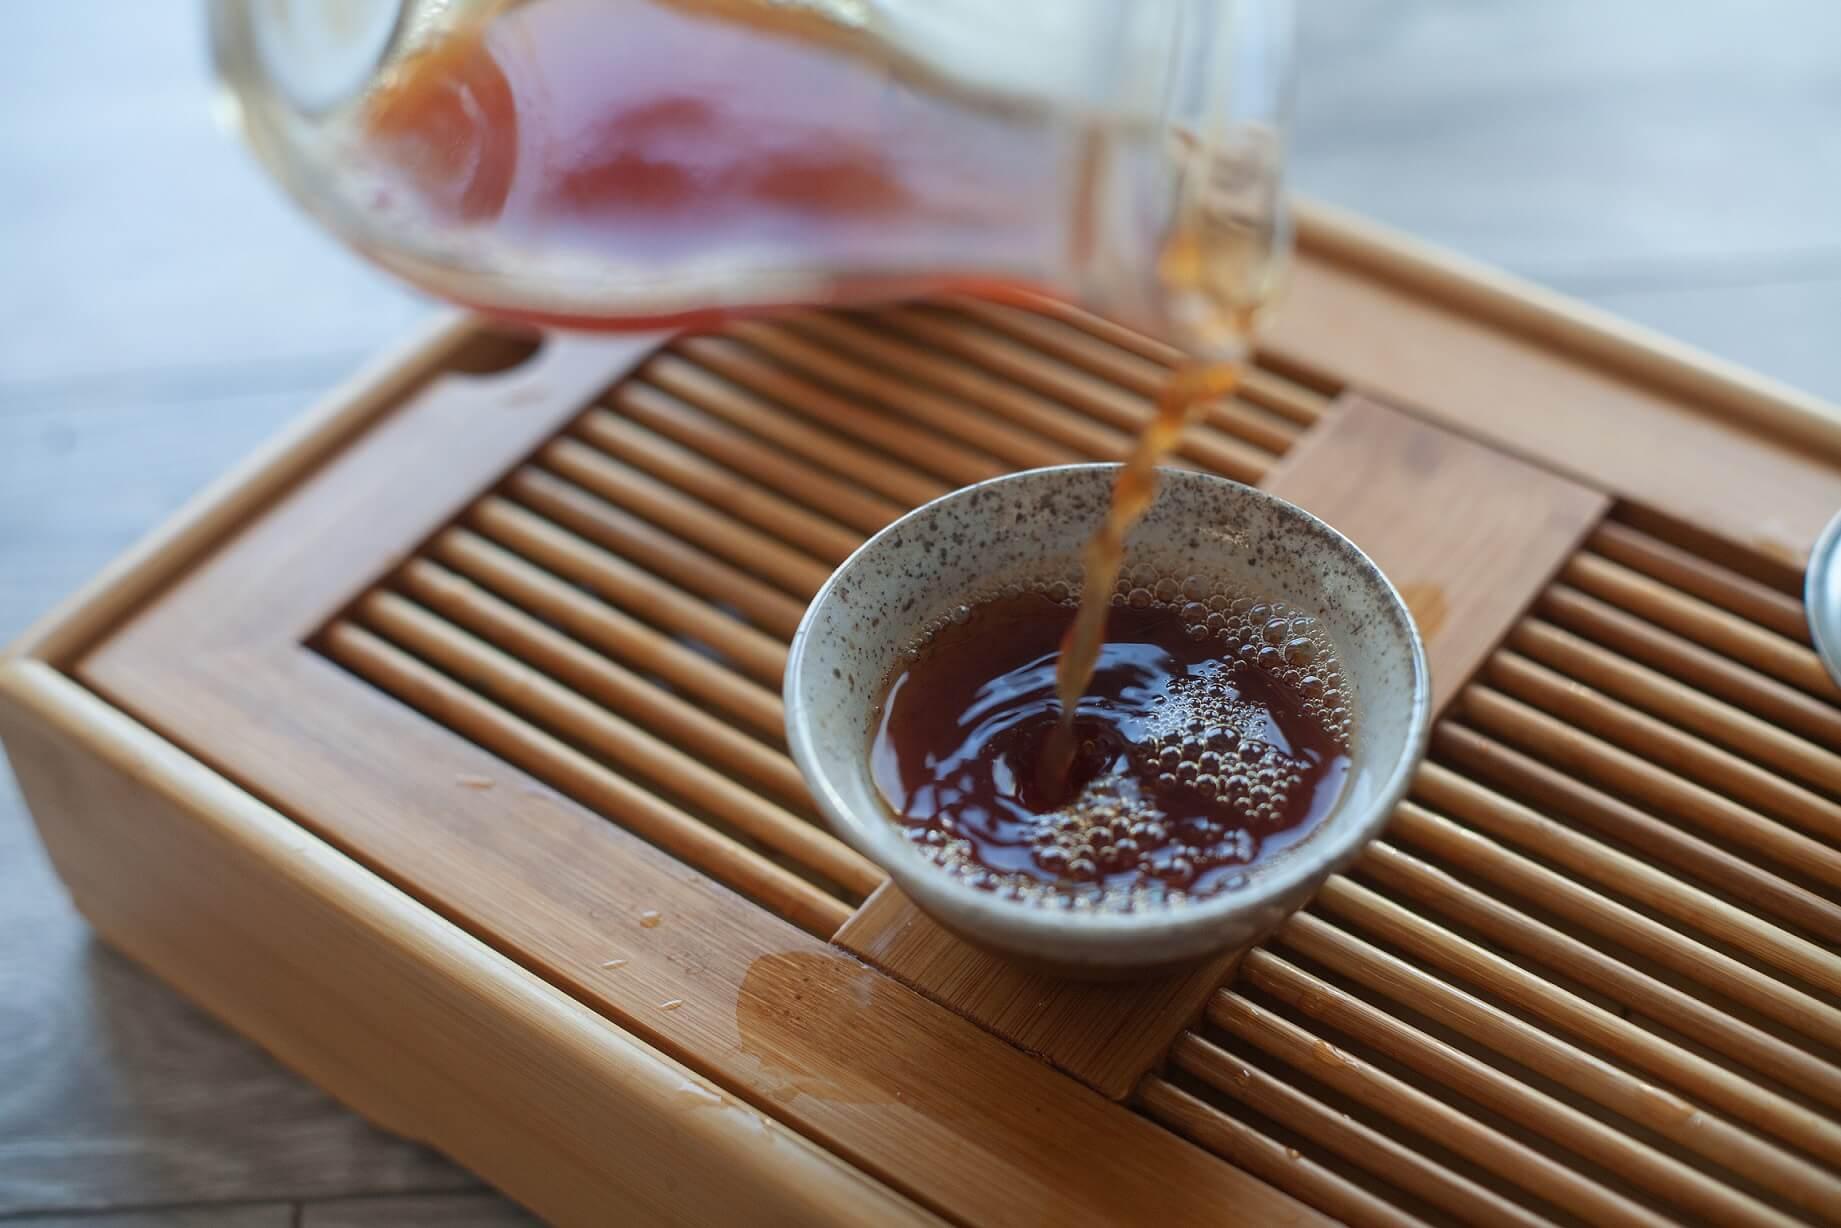 Przelewanie herbaty z cha haia do czarki.